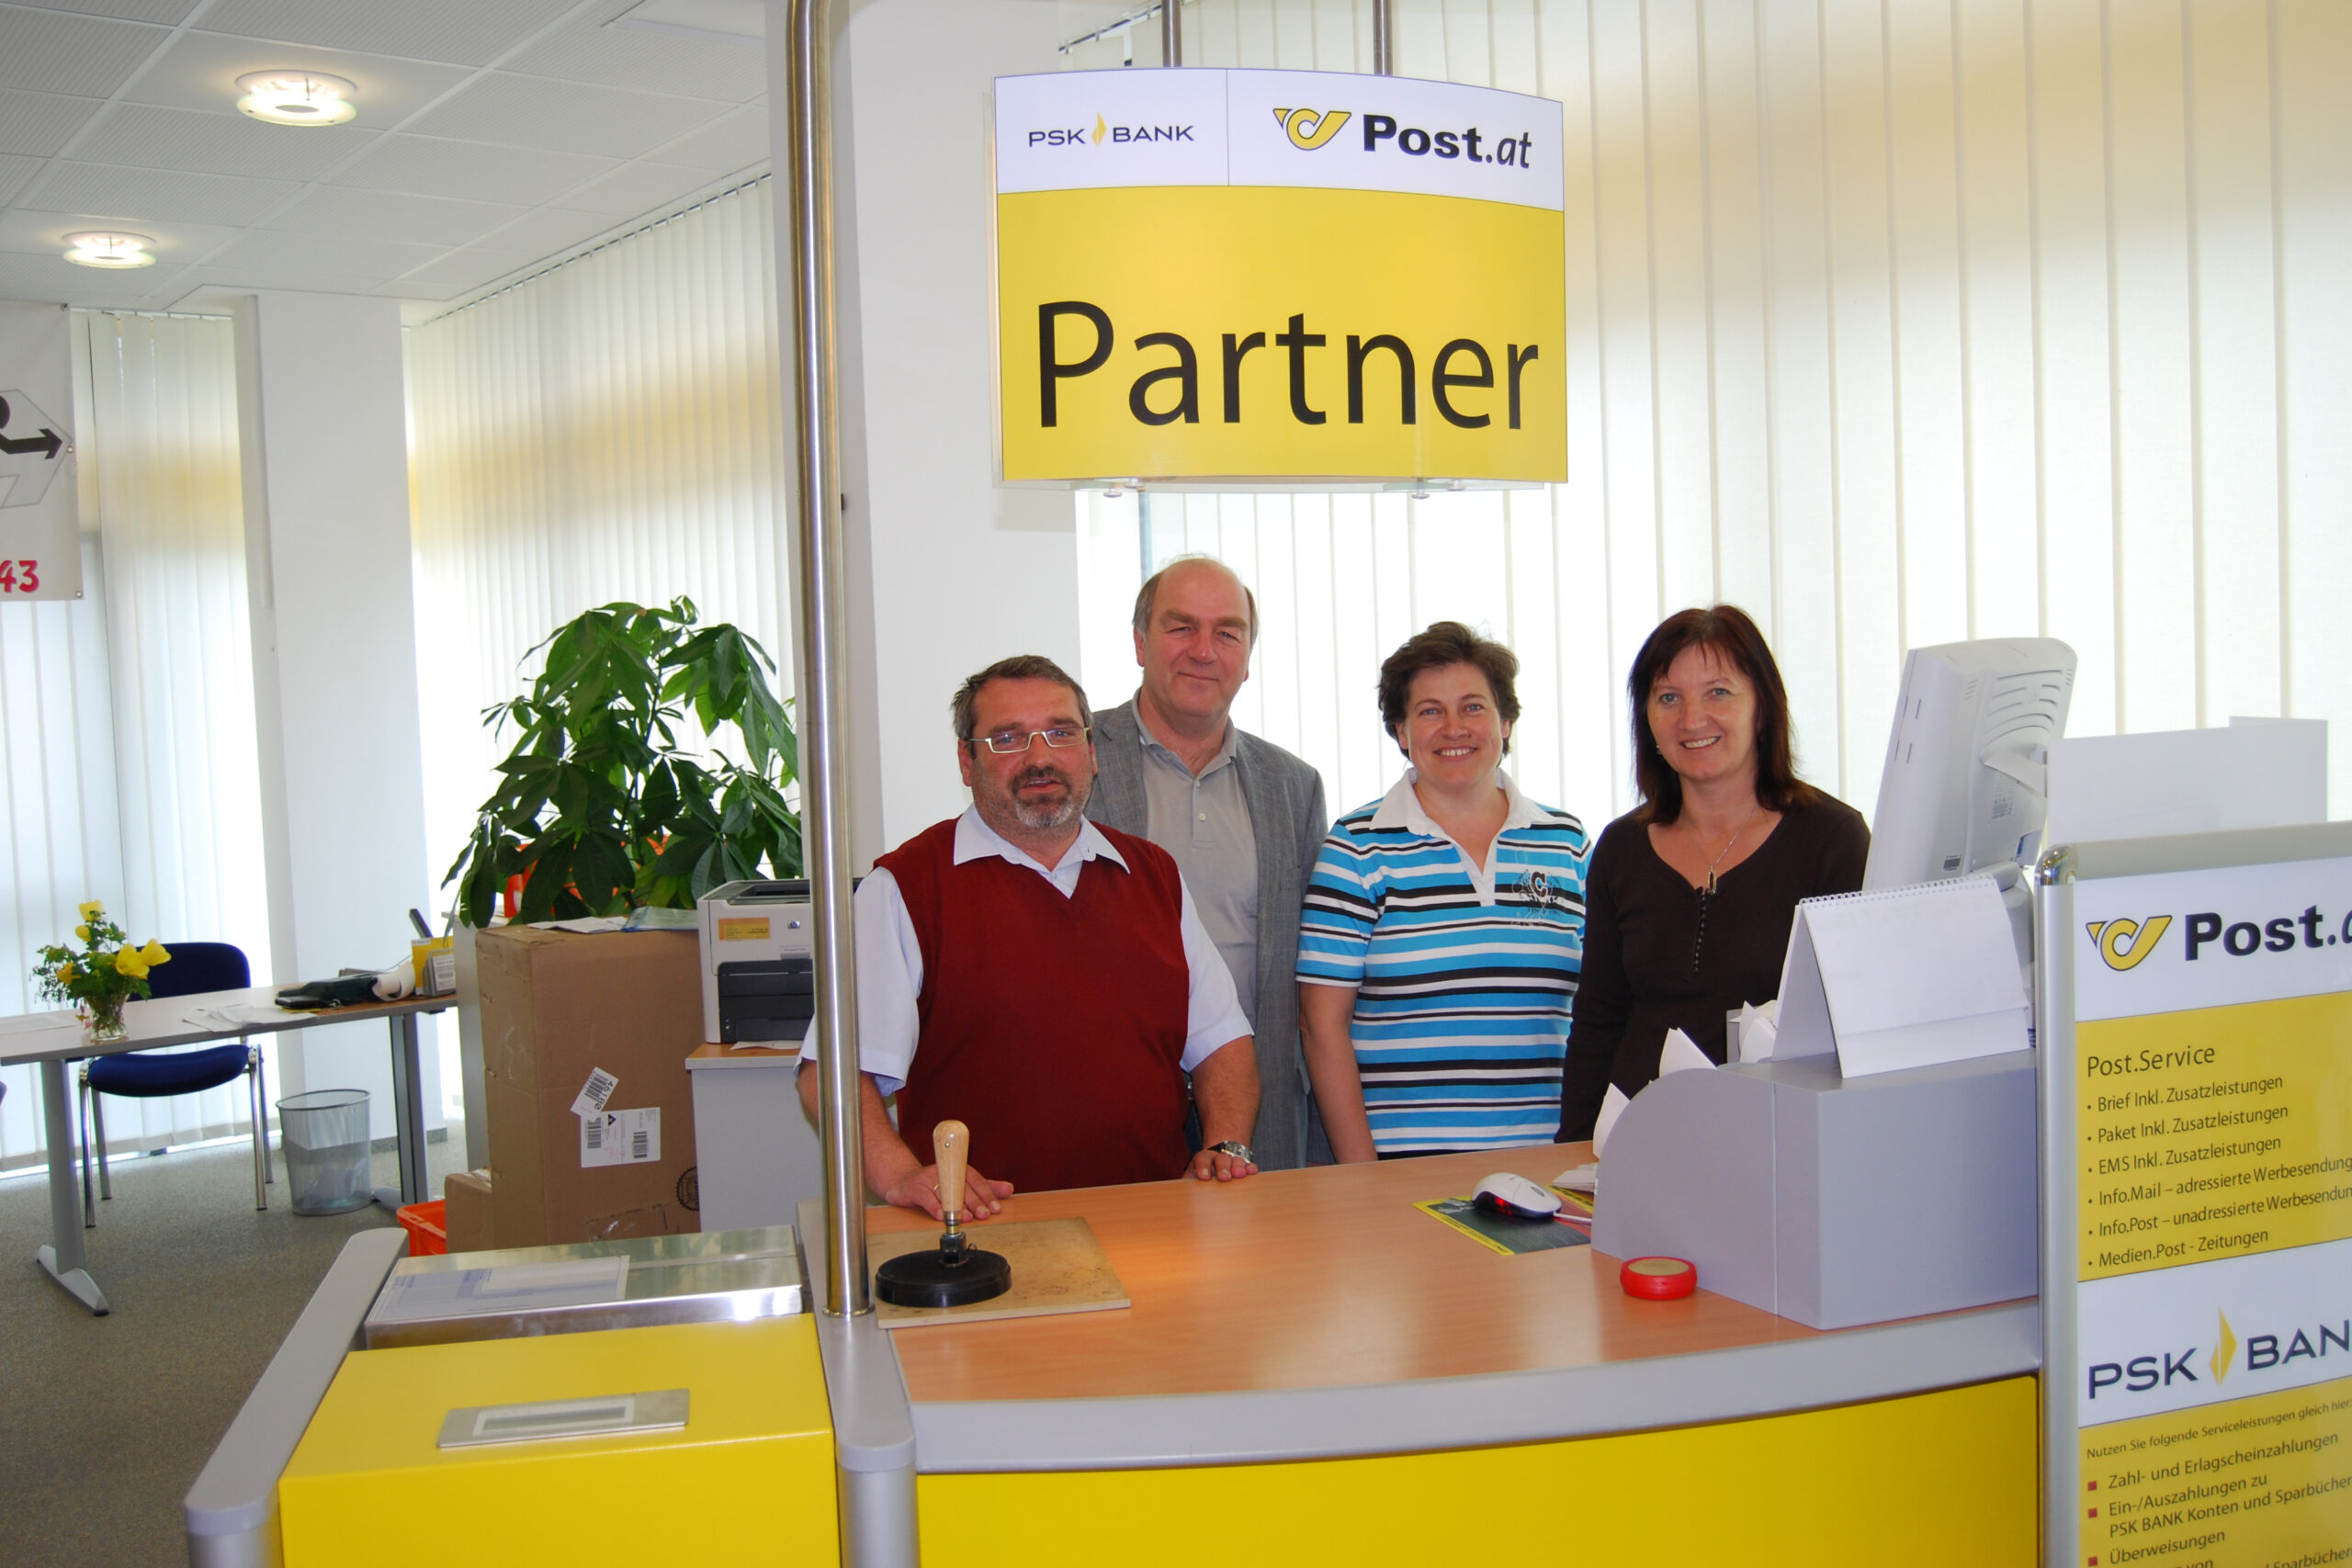 Neues Reisebüro und Übernahme Post Partner